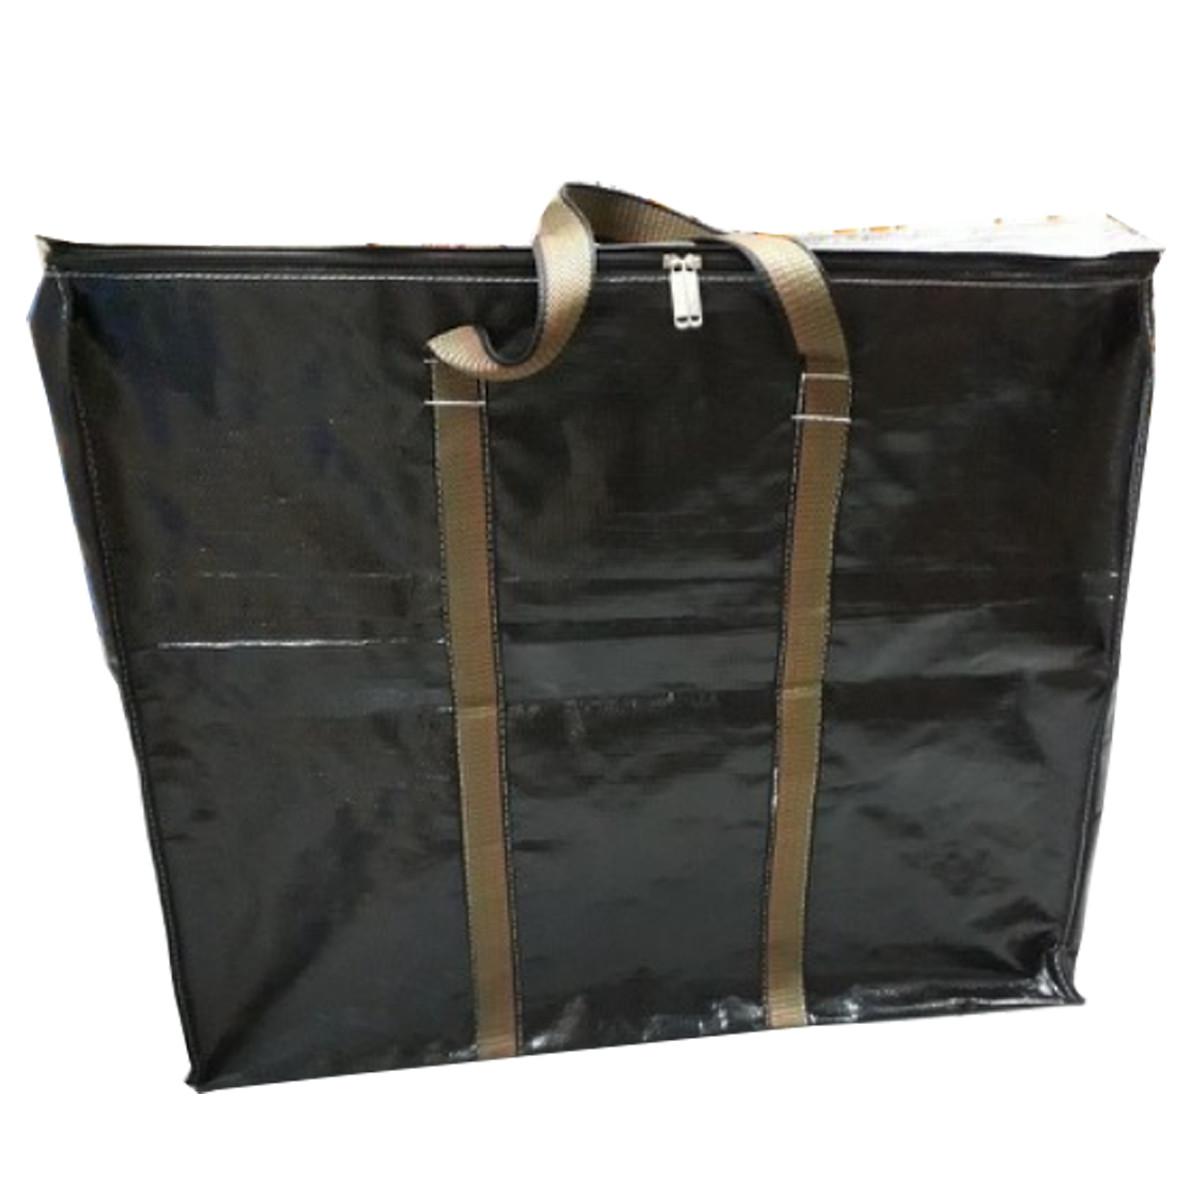 Túi bạt loại dày nhất màu tím/xanh rêu (Dành có shipper, đựng hàng buôn bán) - quai xách màu ngẫu nhiên